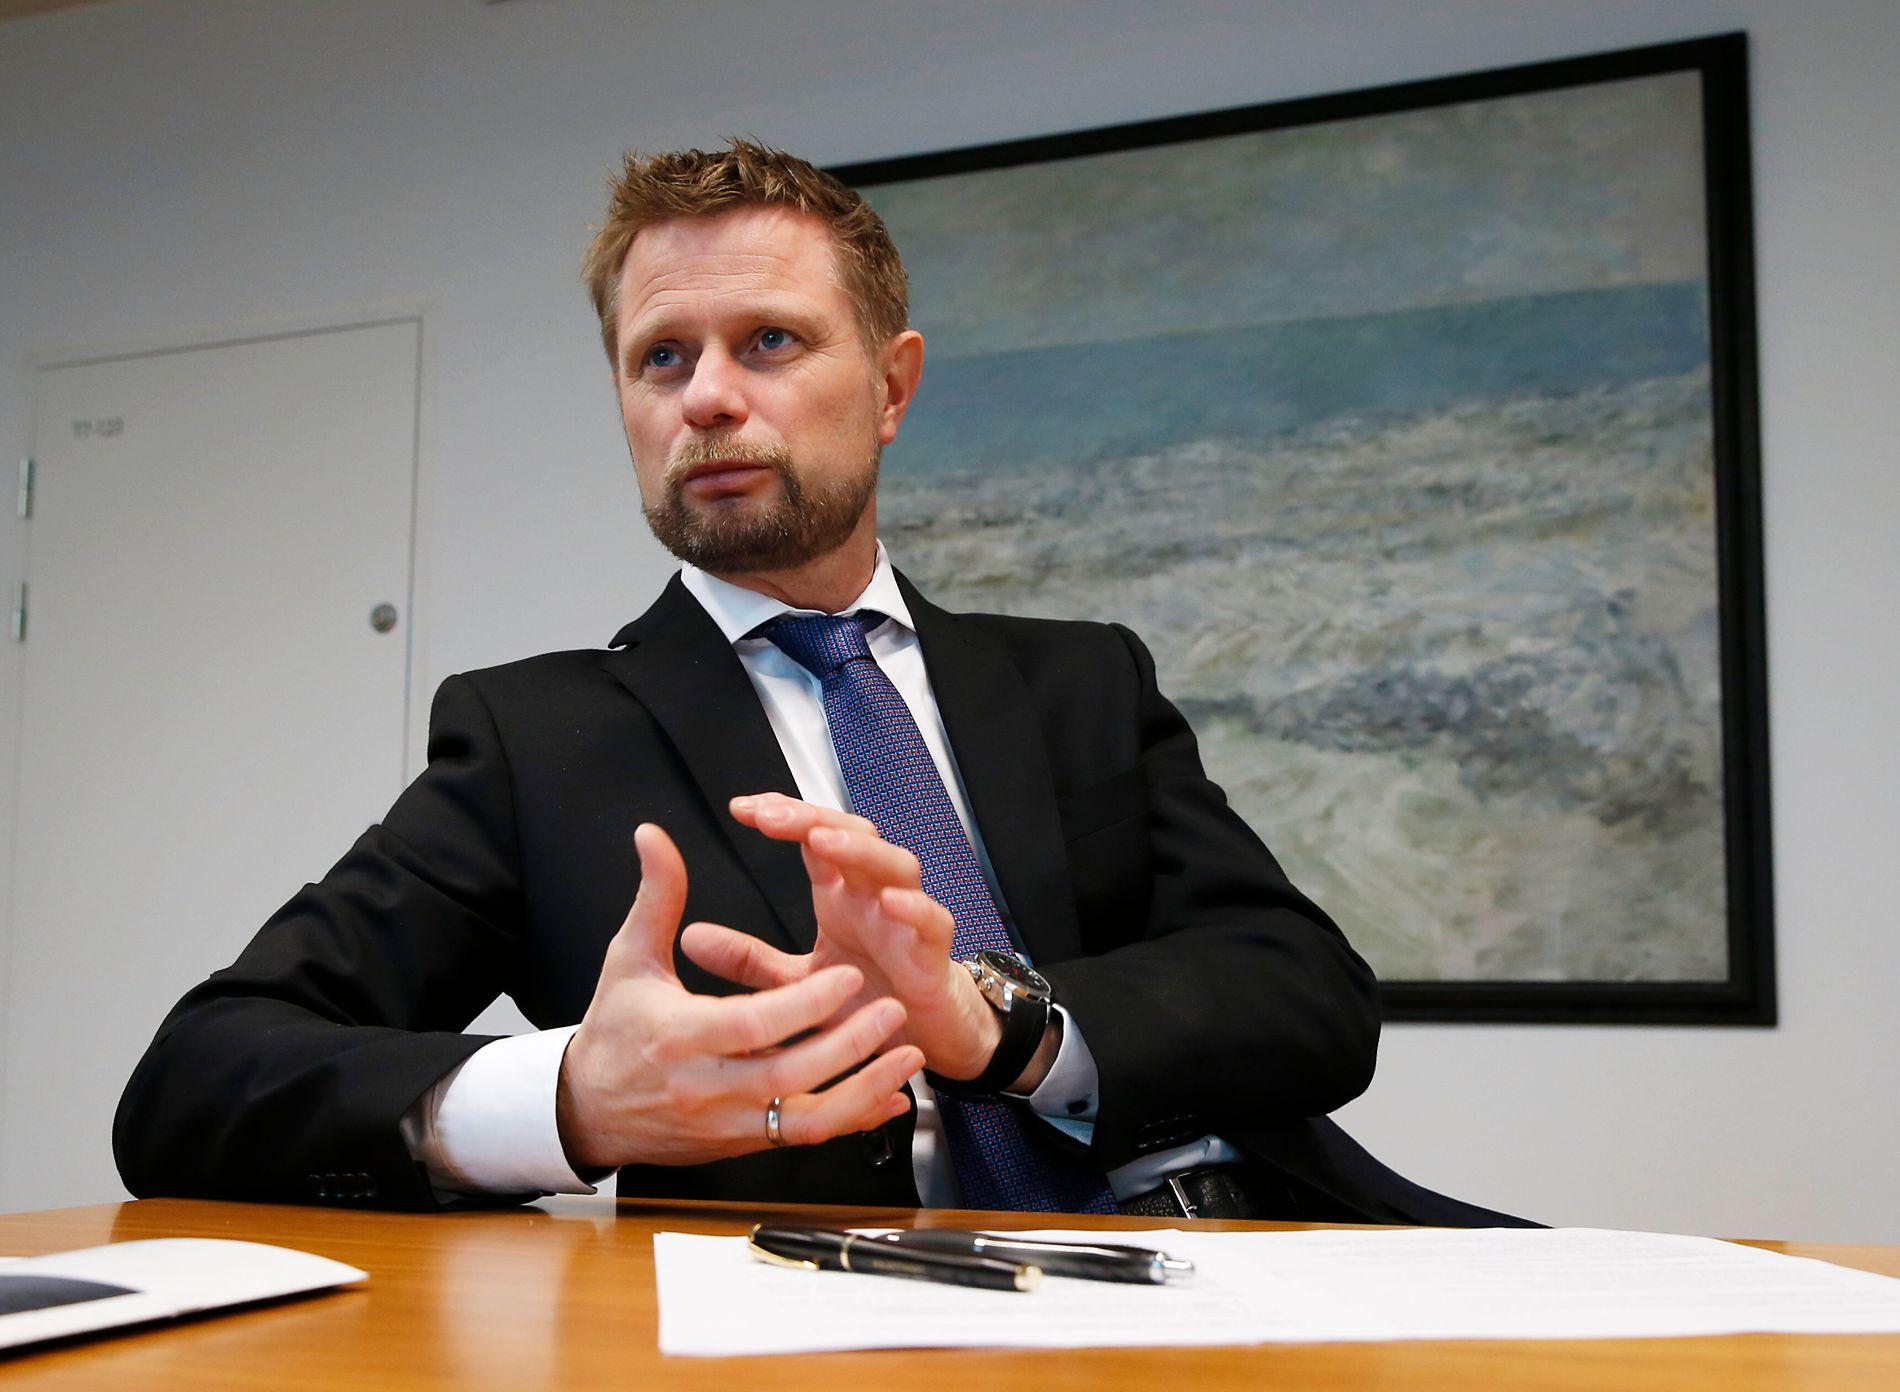 NY POLITIKK: Helseminister Bent Høie (H) mener straff ikke hjelper folk ut av narkotikaproblemer.